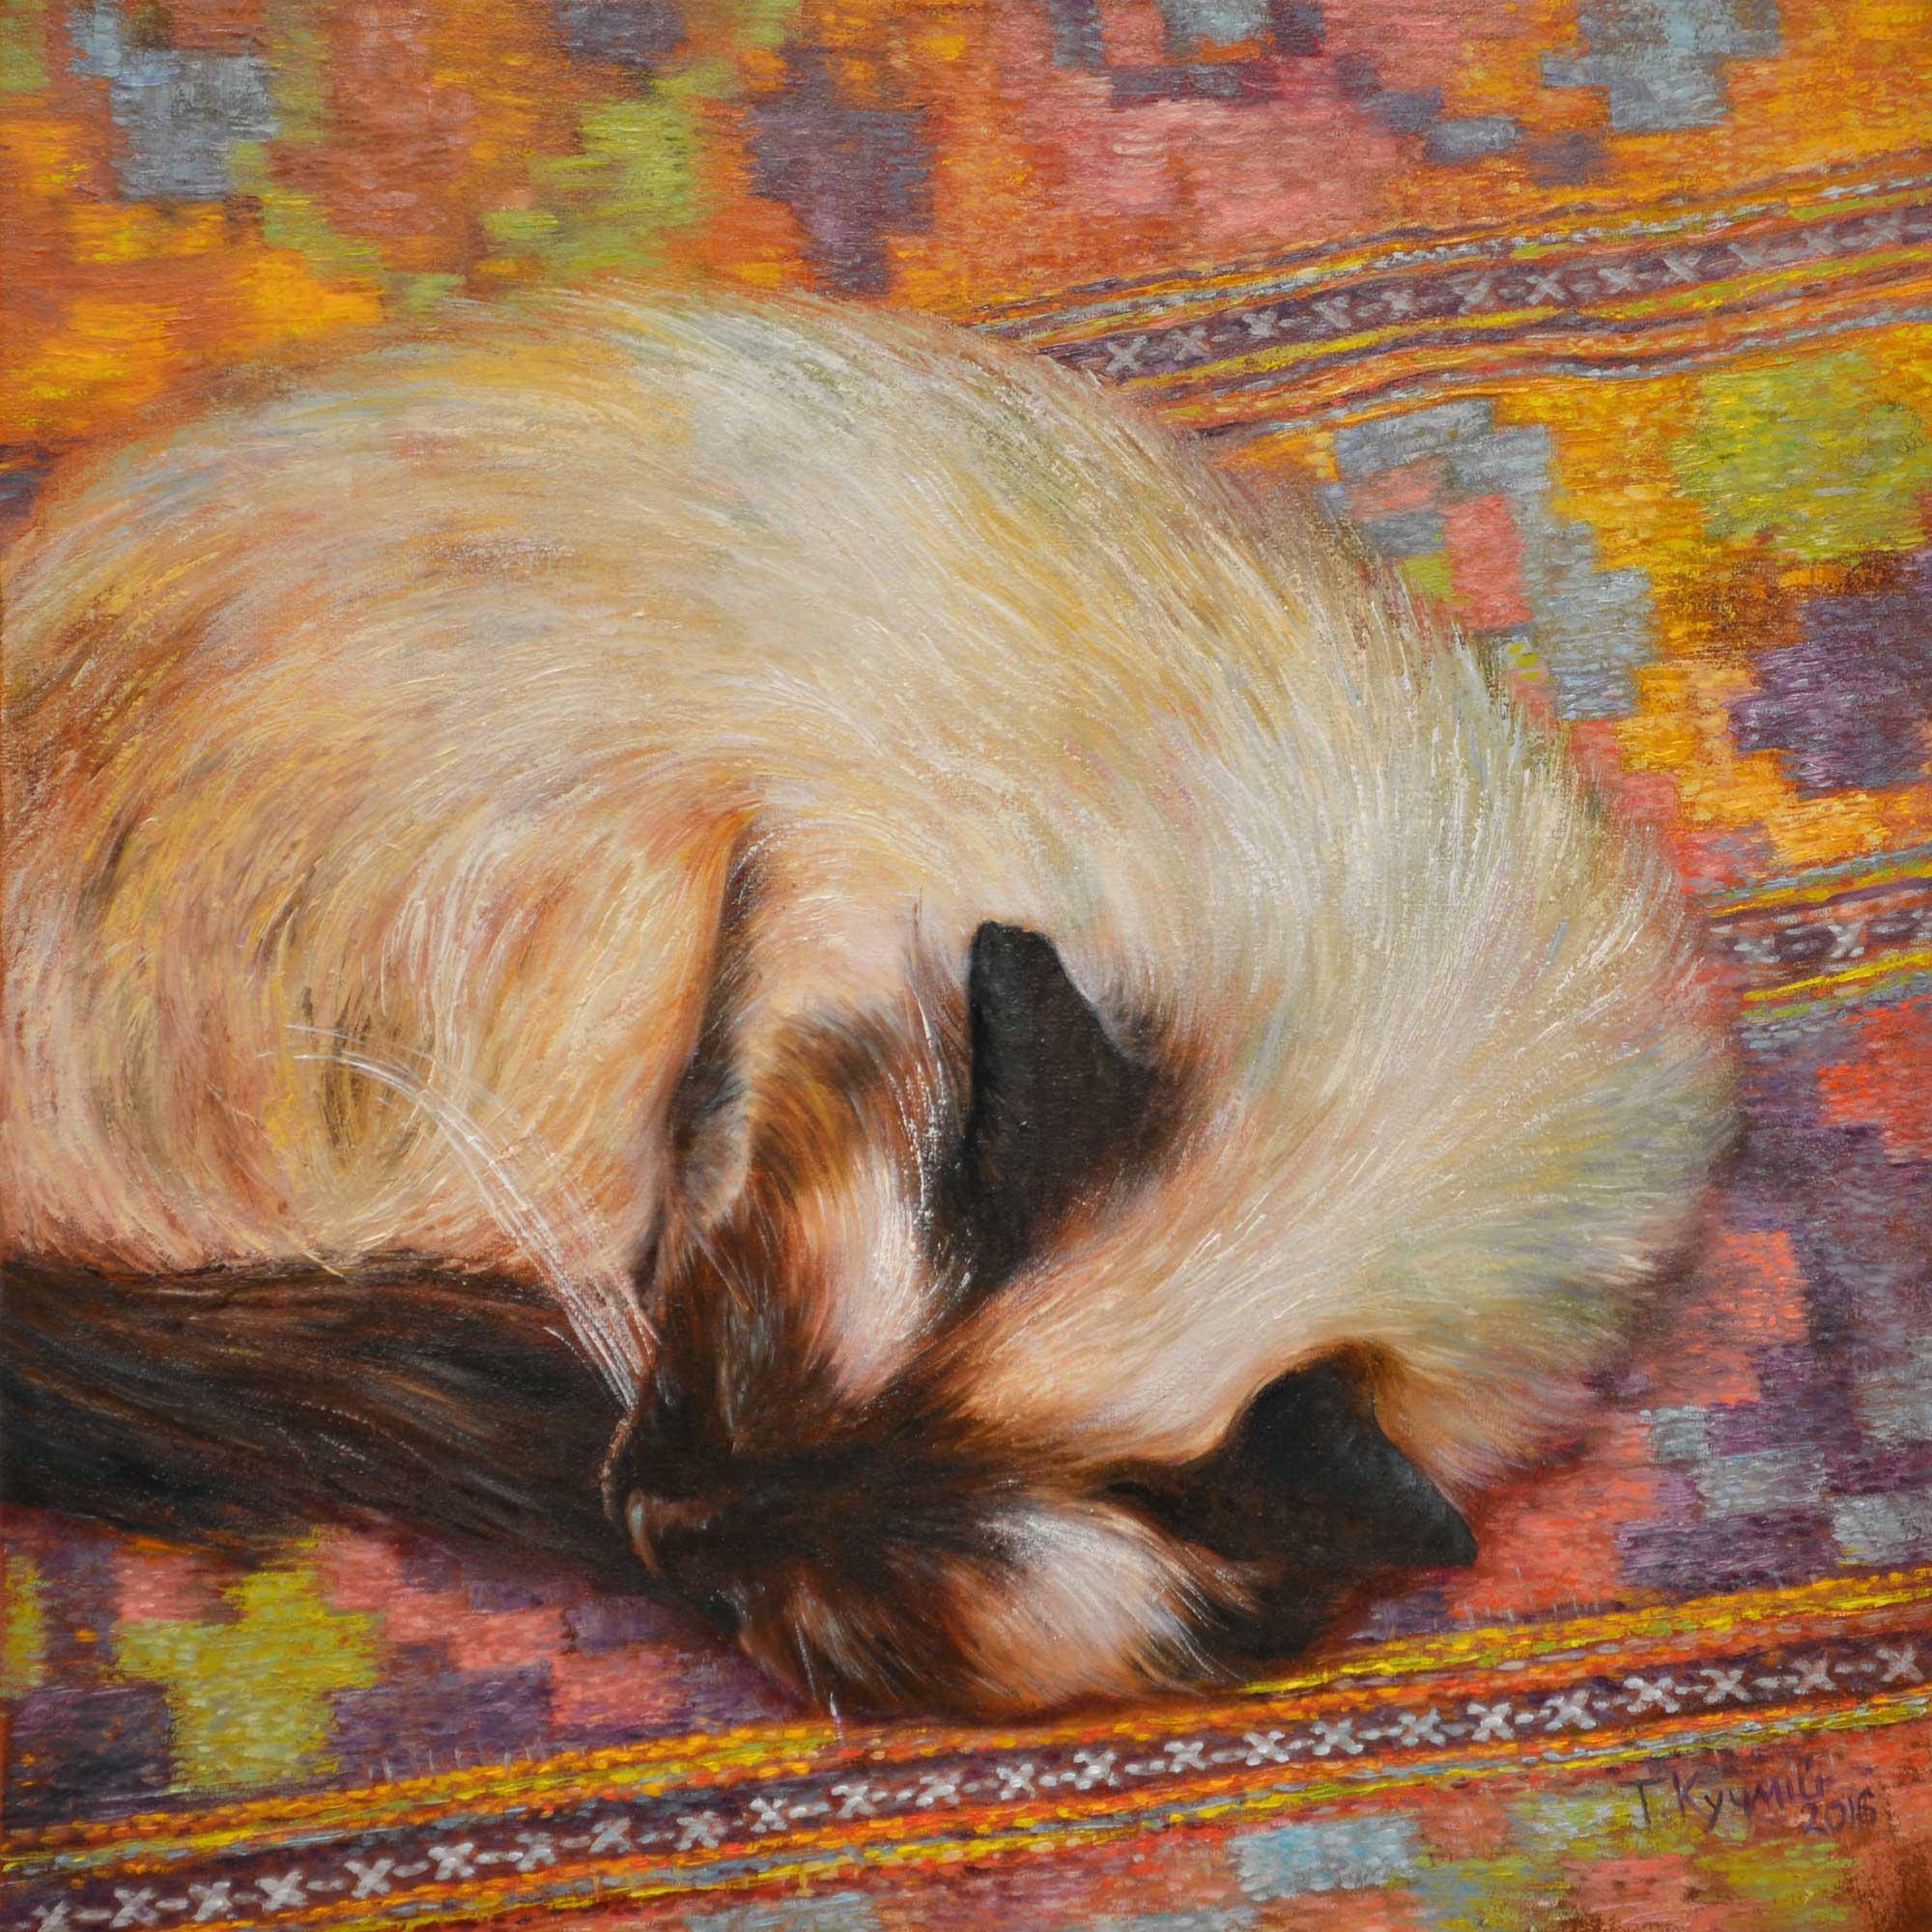 На бабусиному килимі. 2016. Тетяна Кучмій